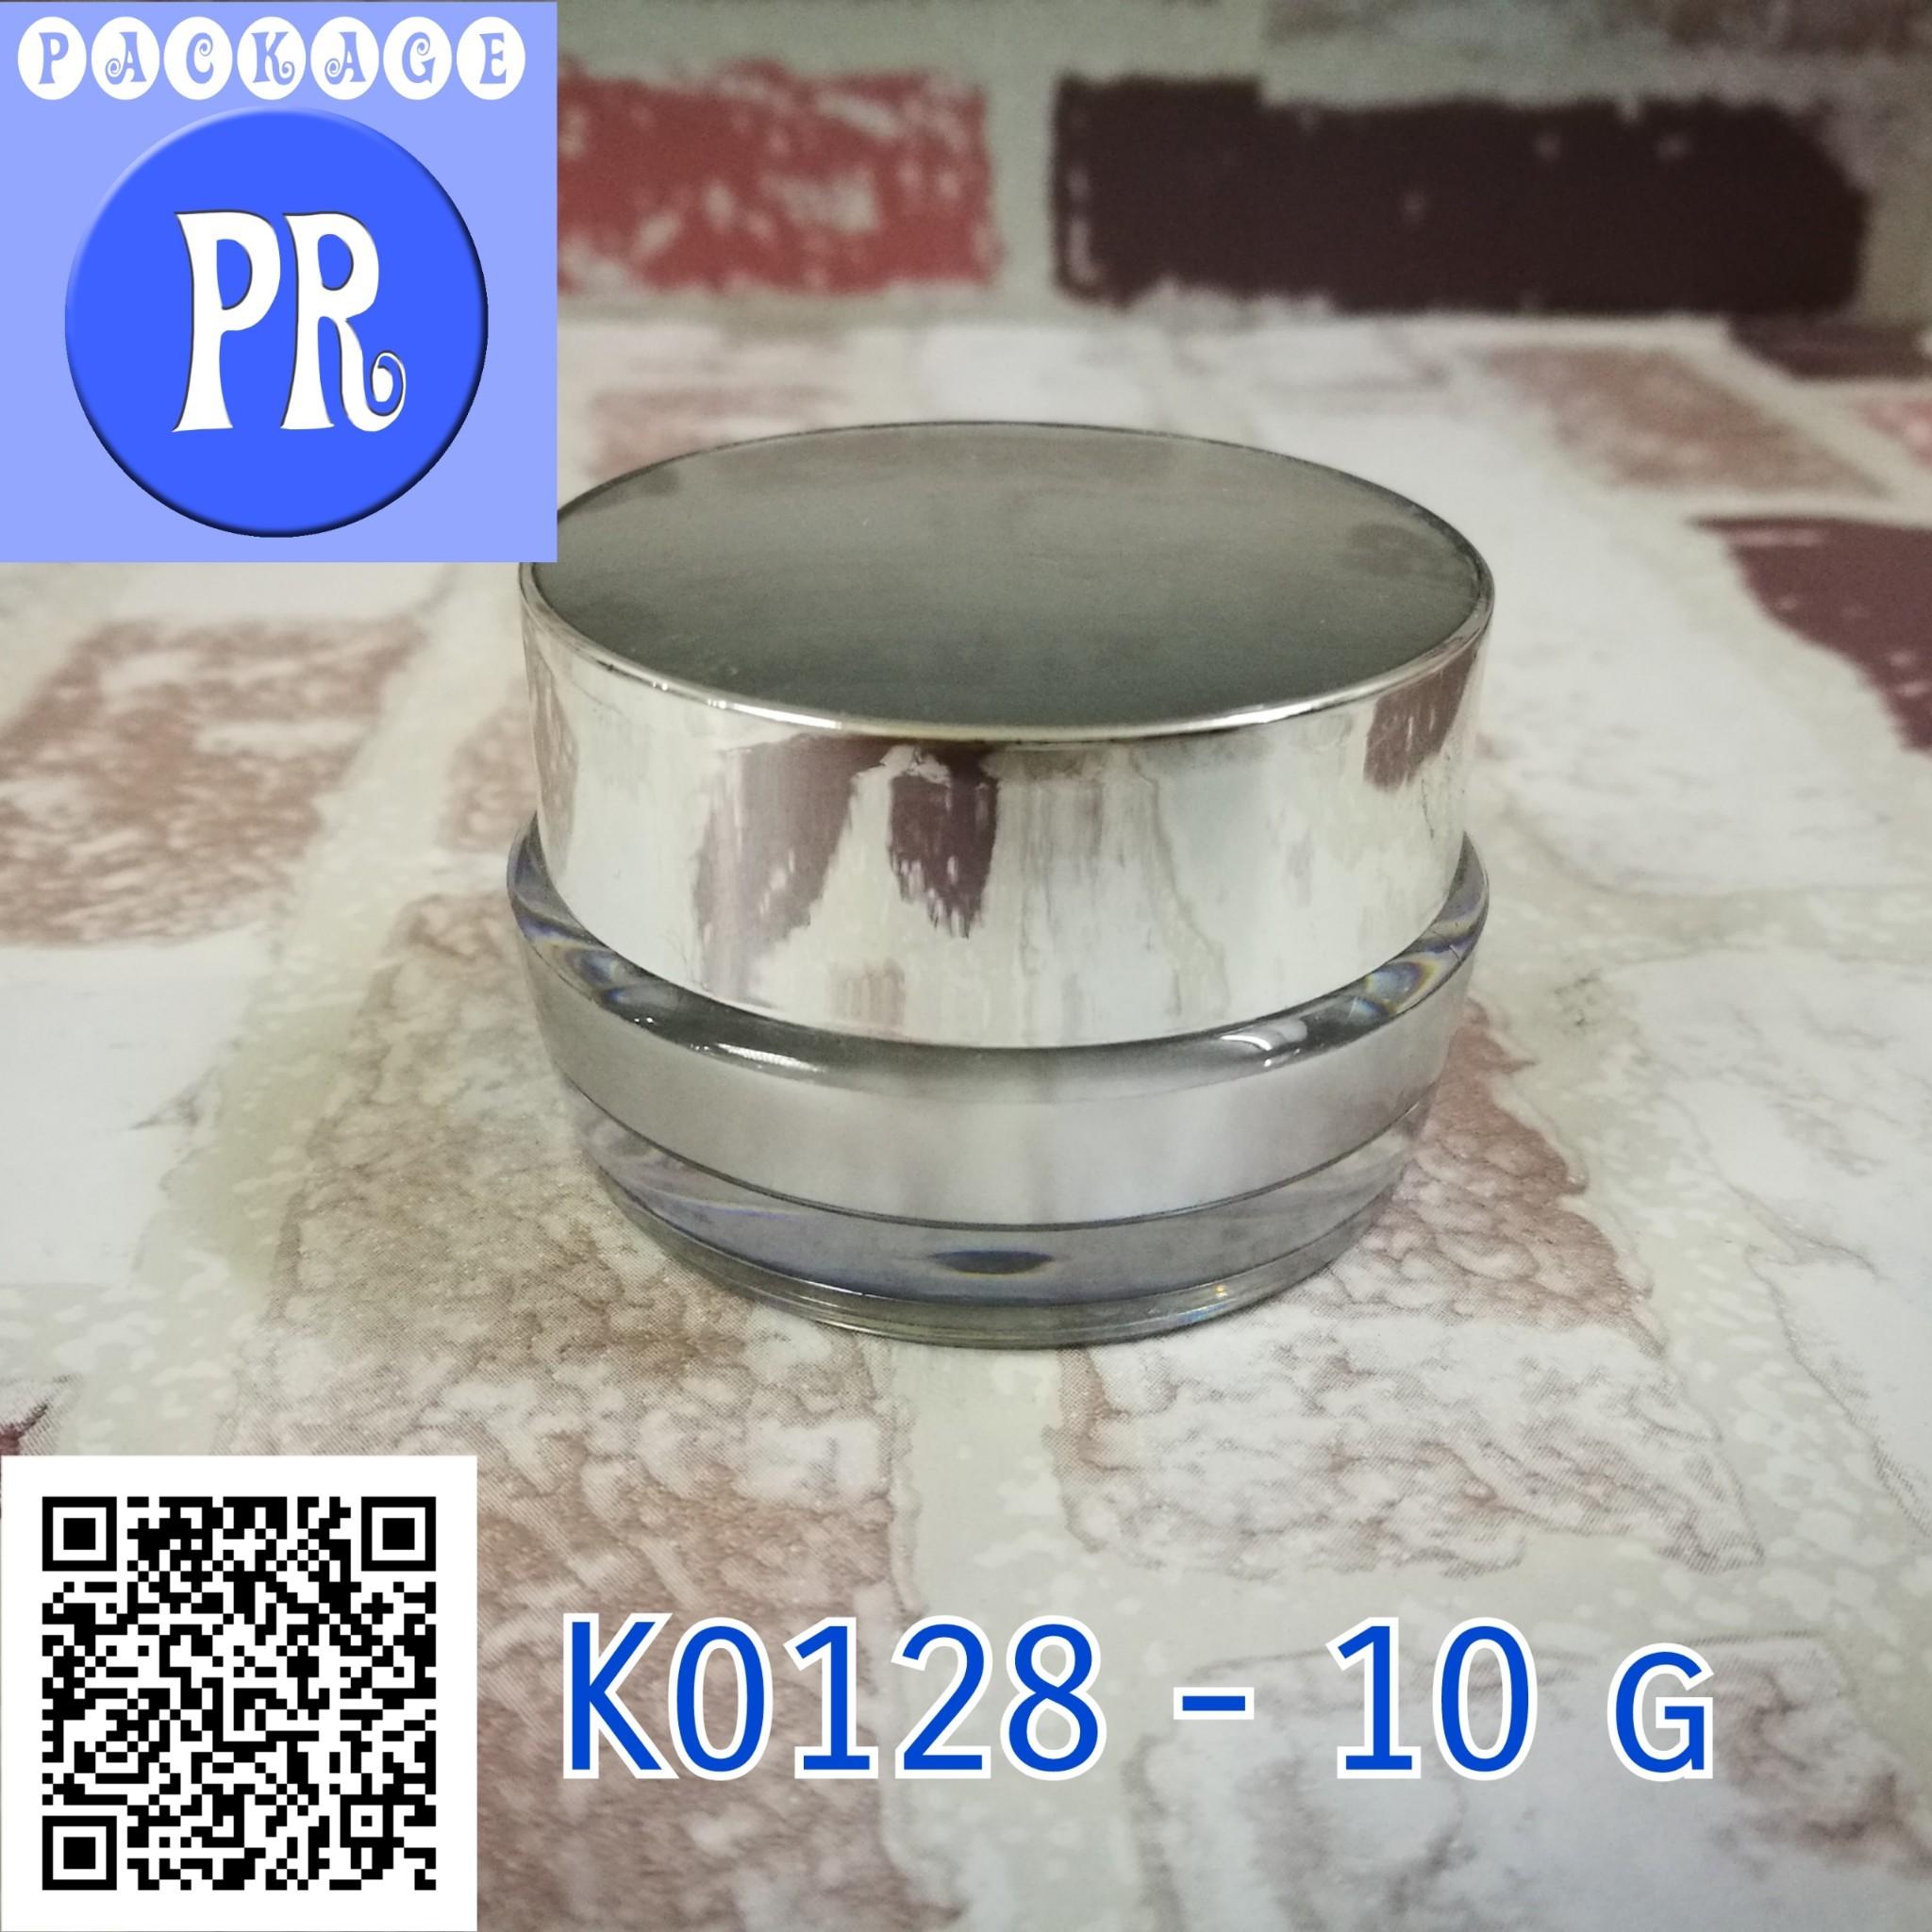 K0128 - 10 g.